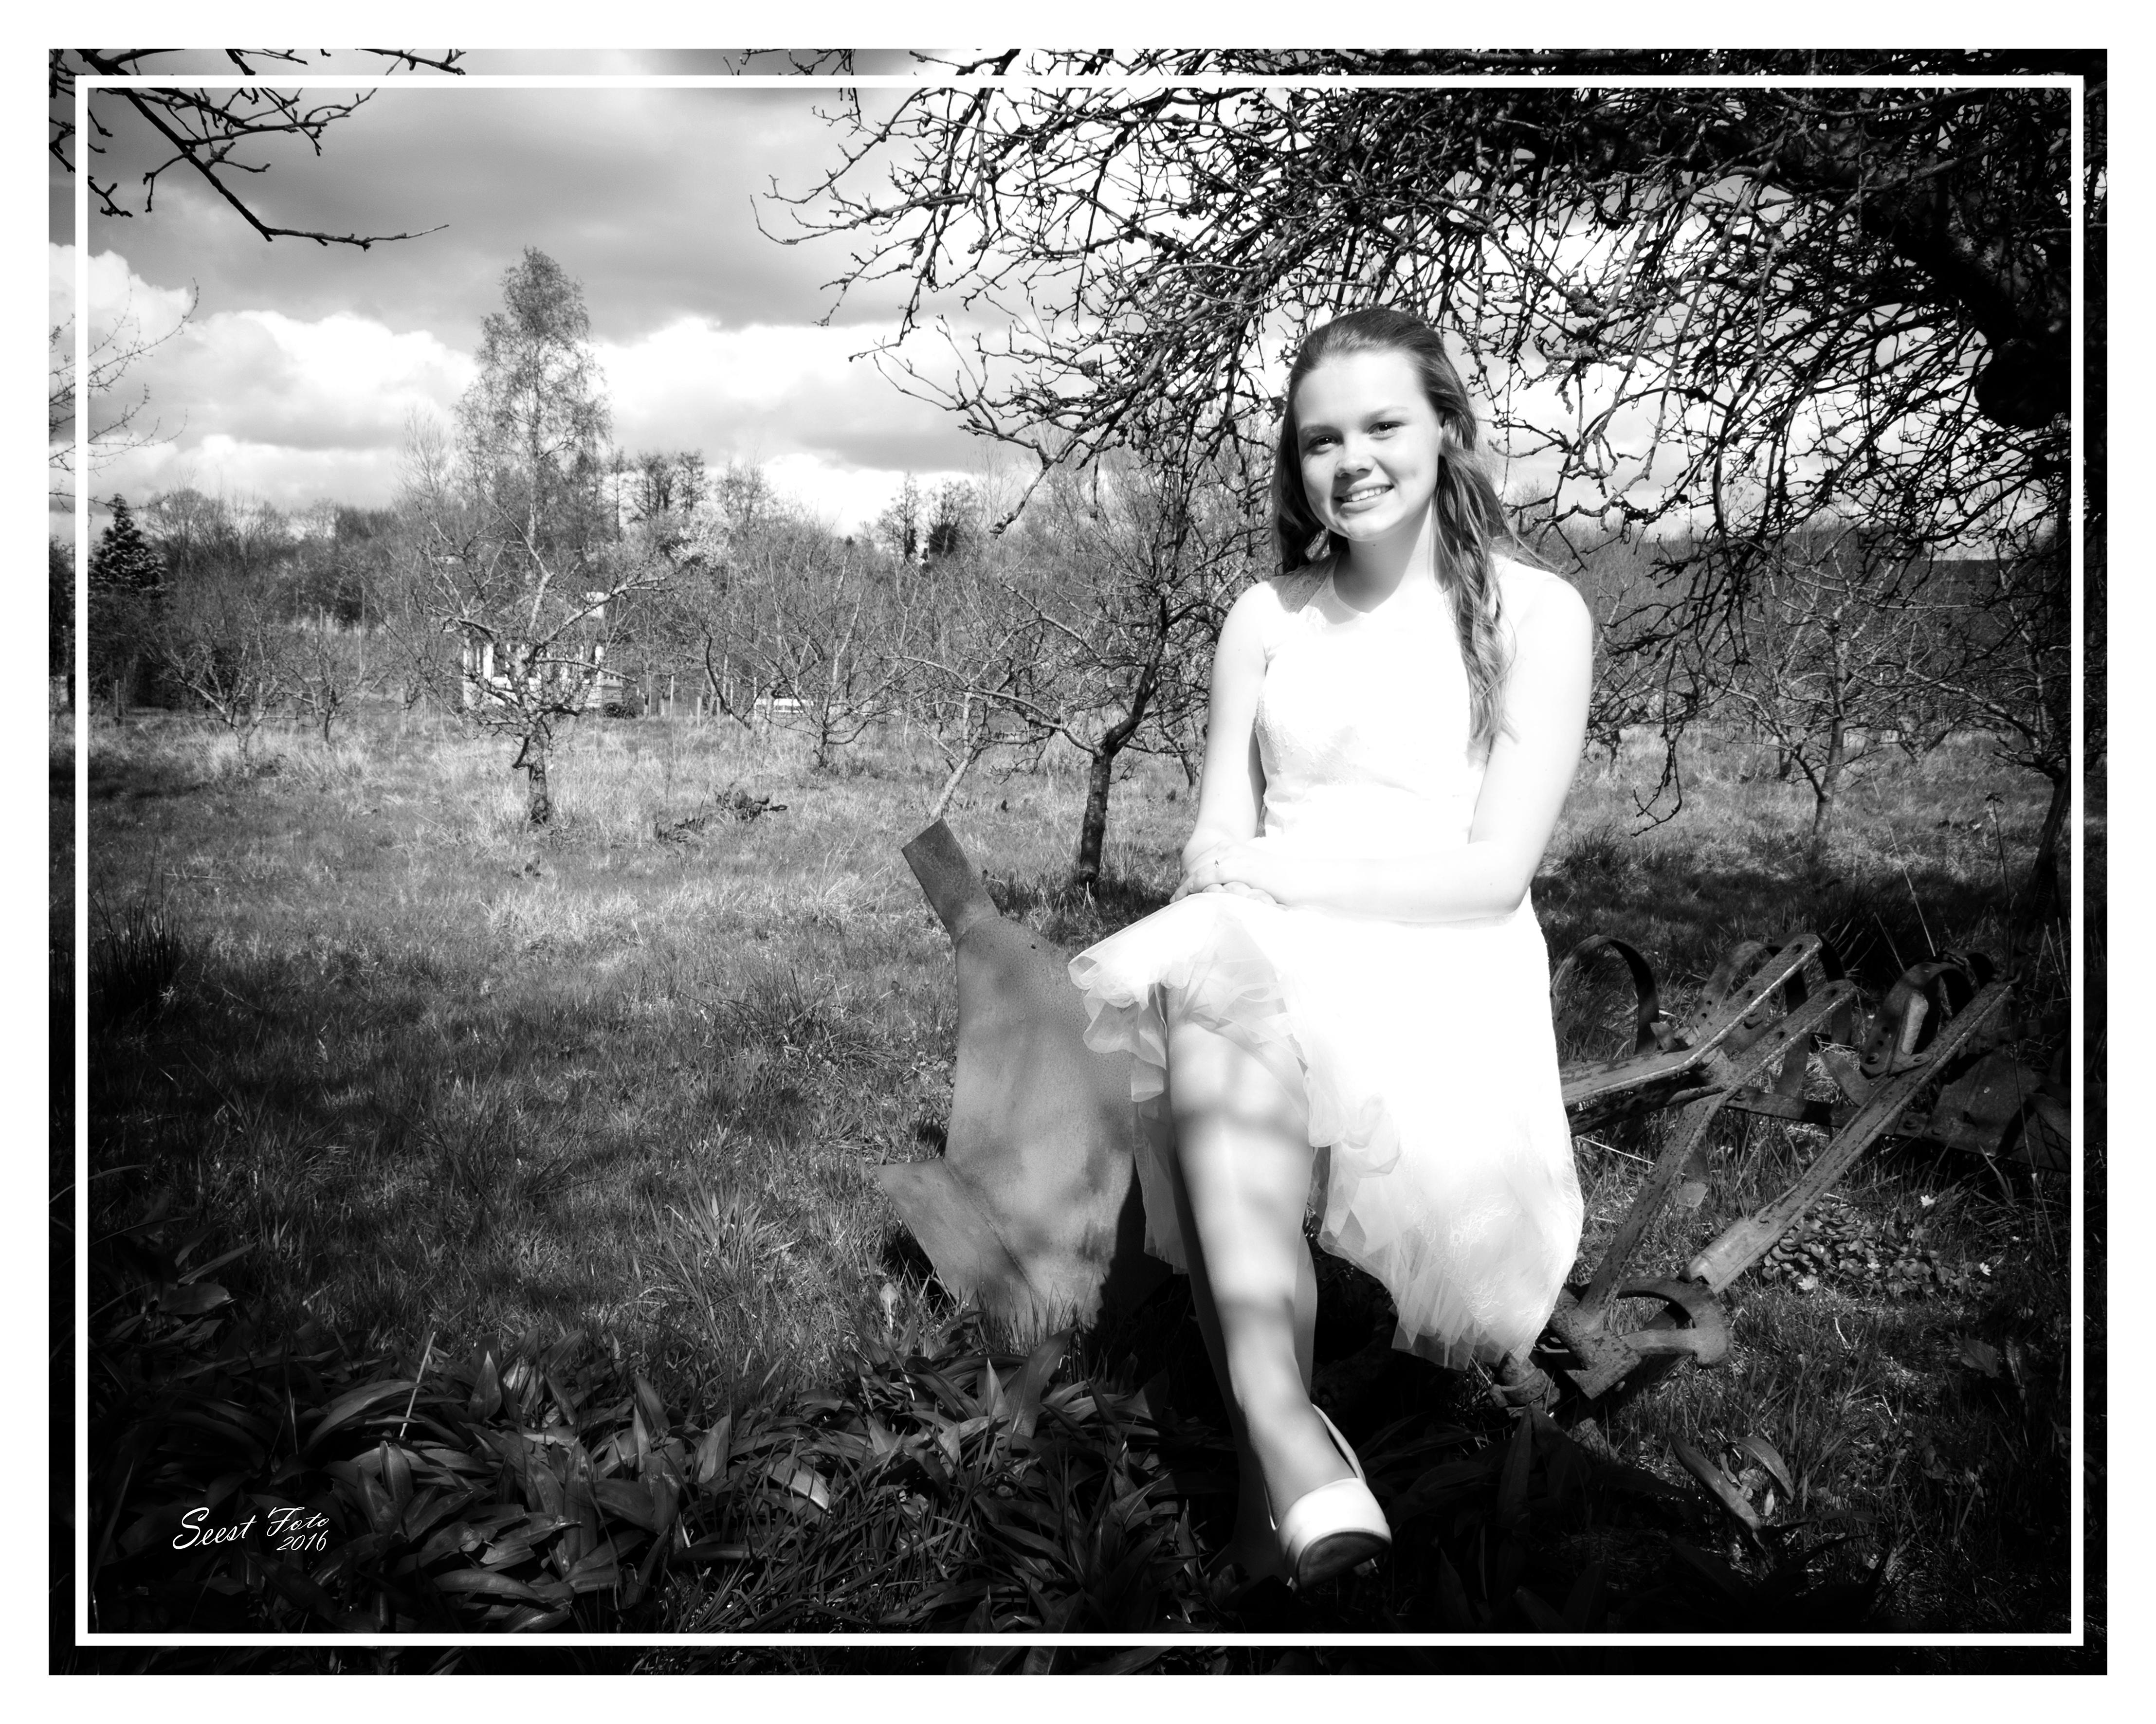 7e9bd7936fcc Professionel Fotograf i Kolding til familie